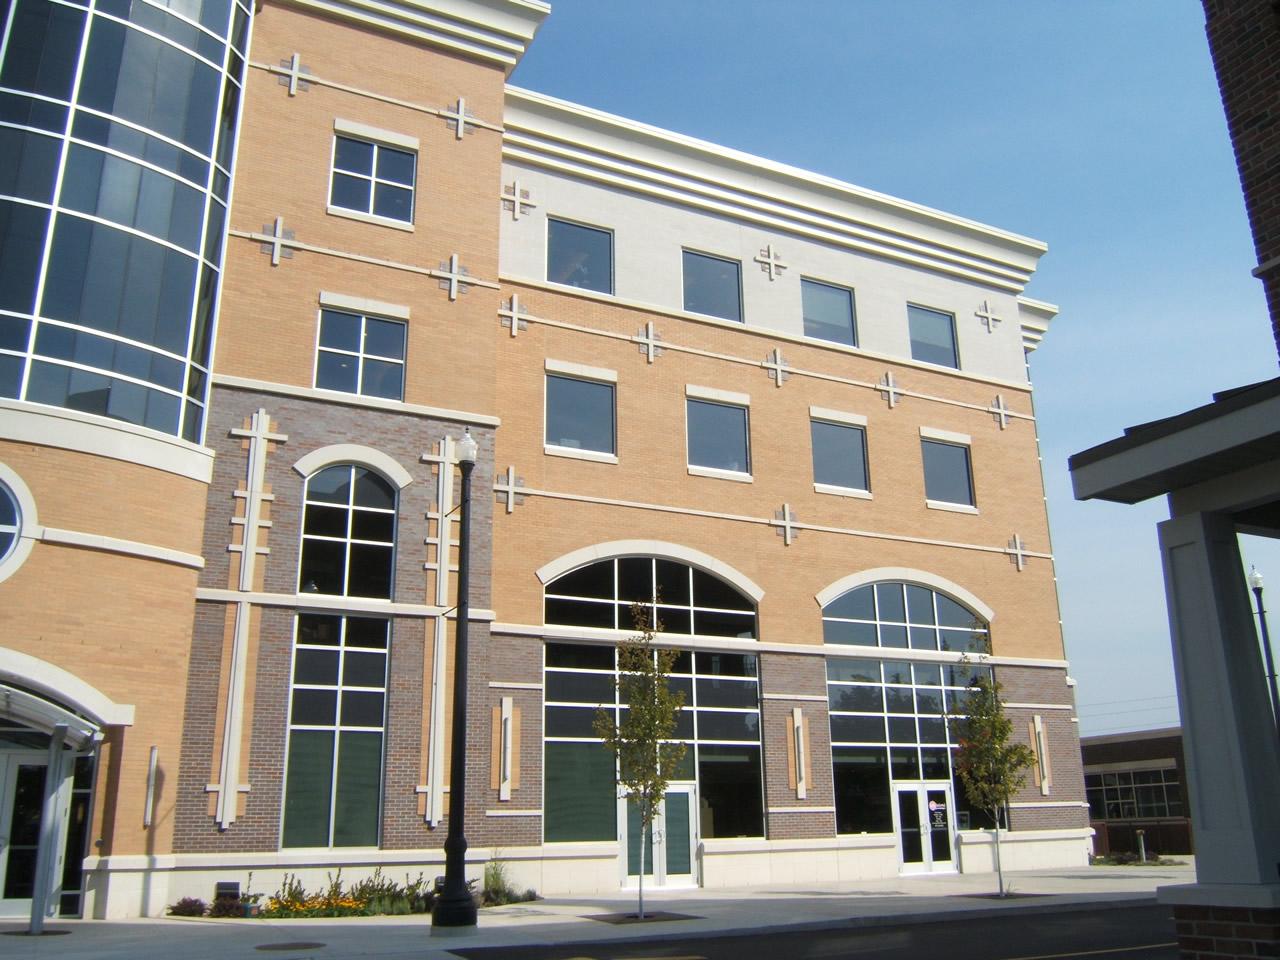 Women39;s Health Center  Grand Rapids, Michigan : Superior Precast